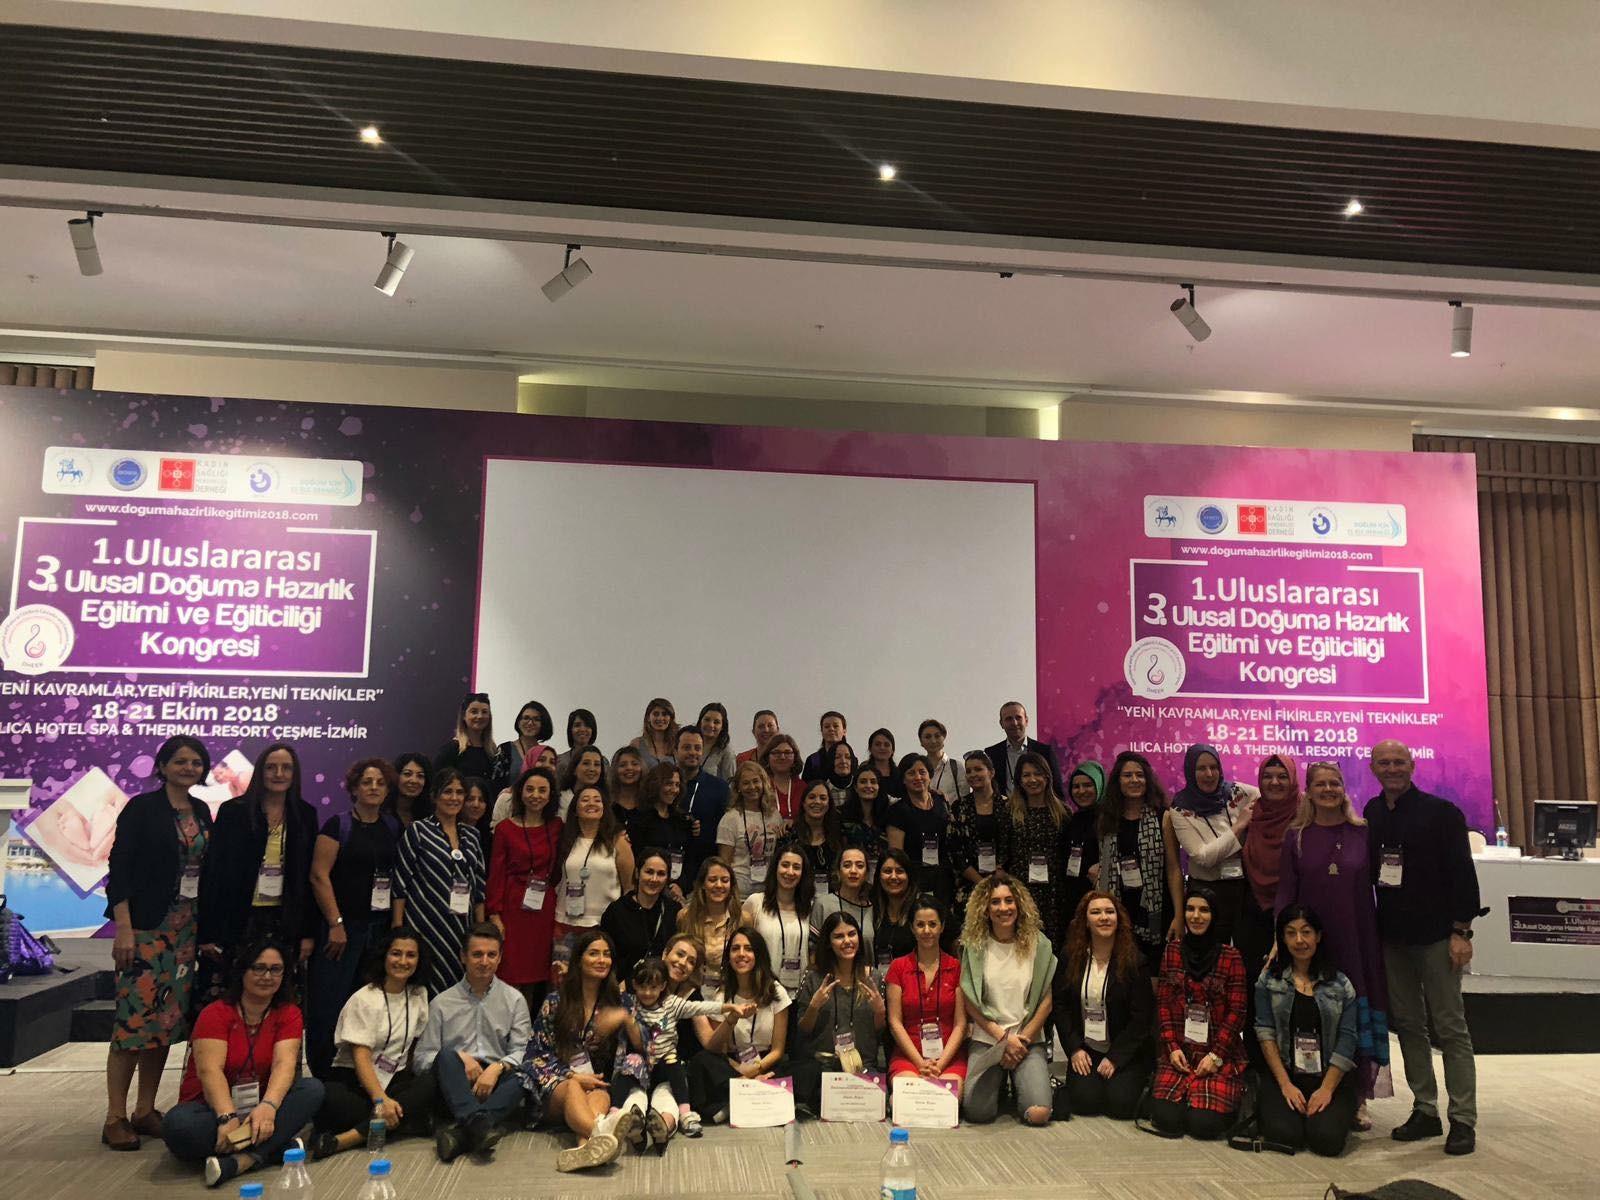 3. Uluslararası Doğuma Hazırlık Eğitimi ve Eğitimciliği Kongresi yapıldı.